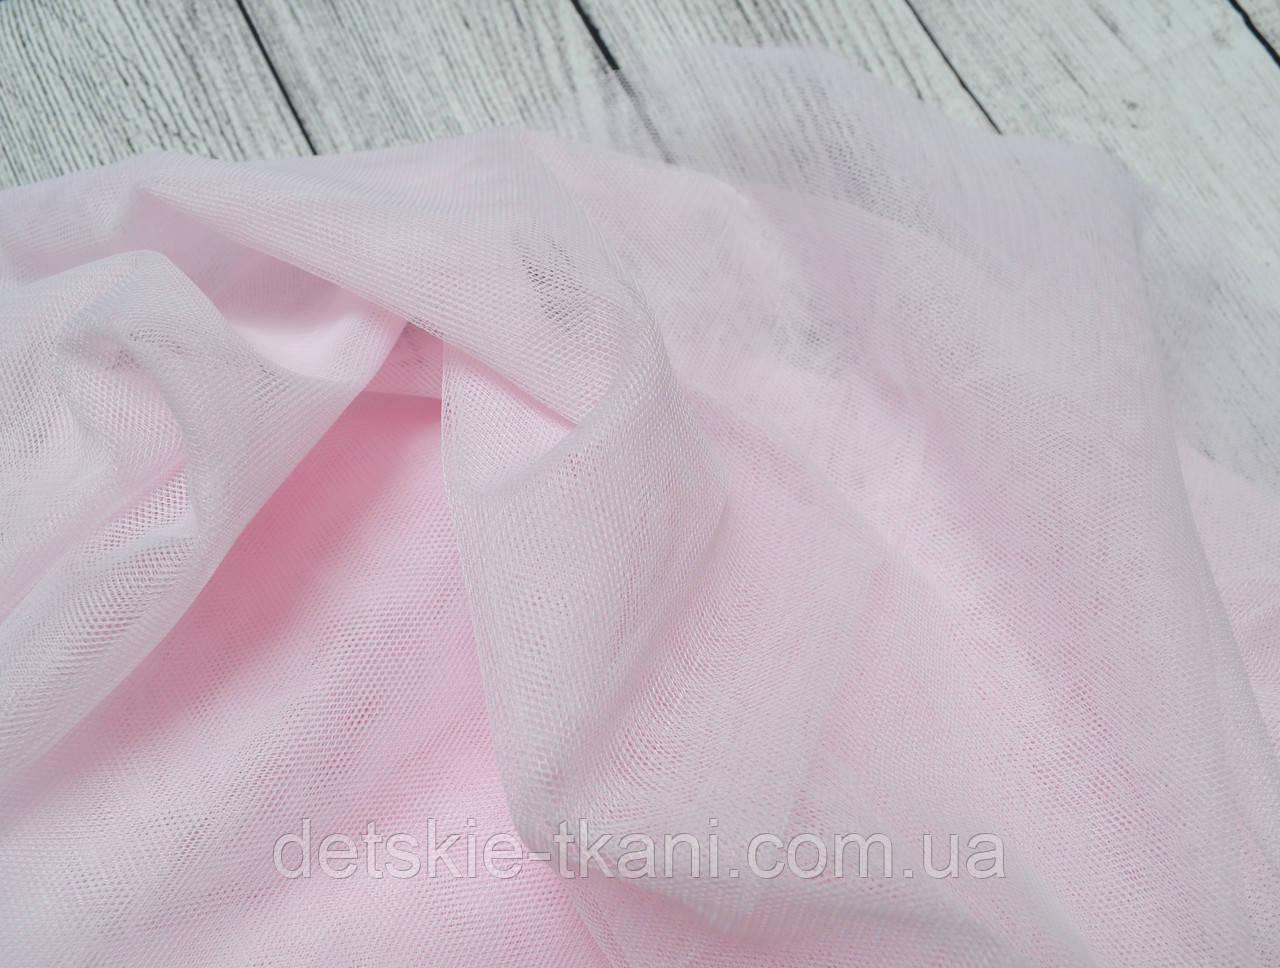 Лоскут мягкого фатина розового цвета 180*62 см.